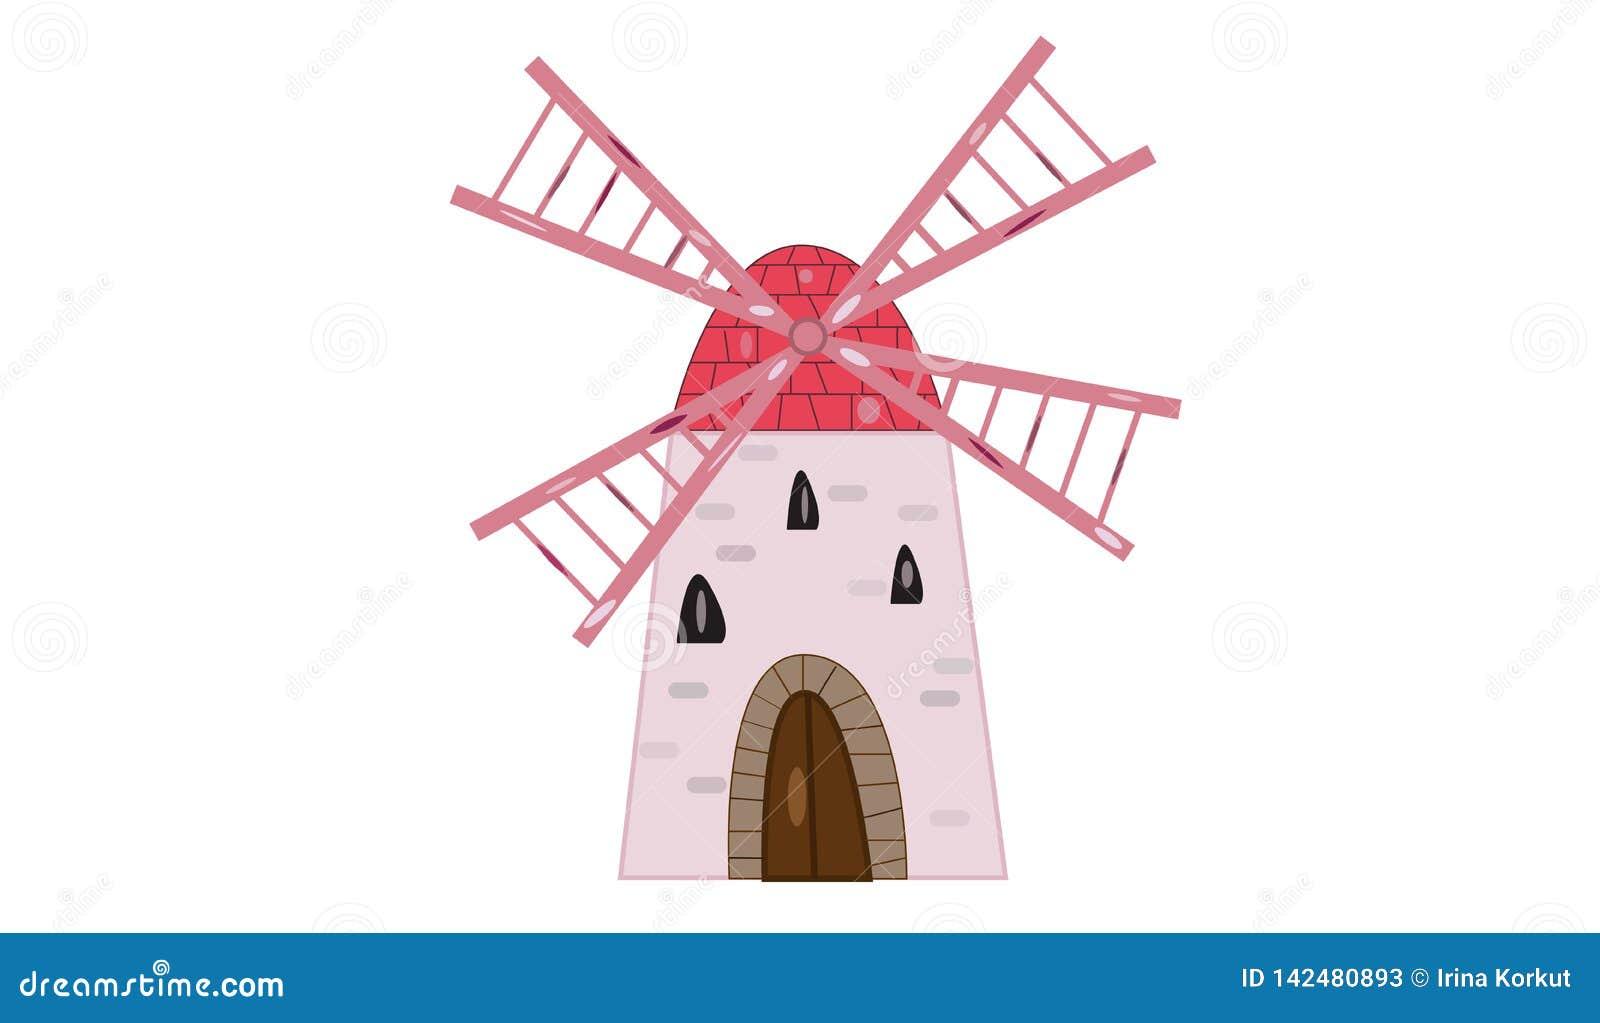 El viejo ejemplo del molino de viento aisló el fondo blanco y la puerta rosada linda del ala y de piedra